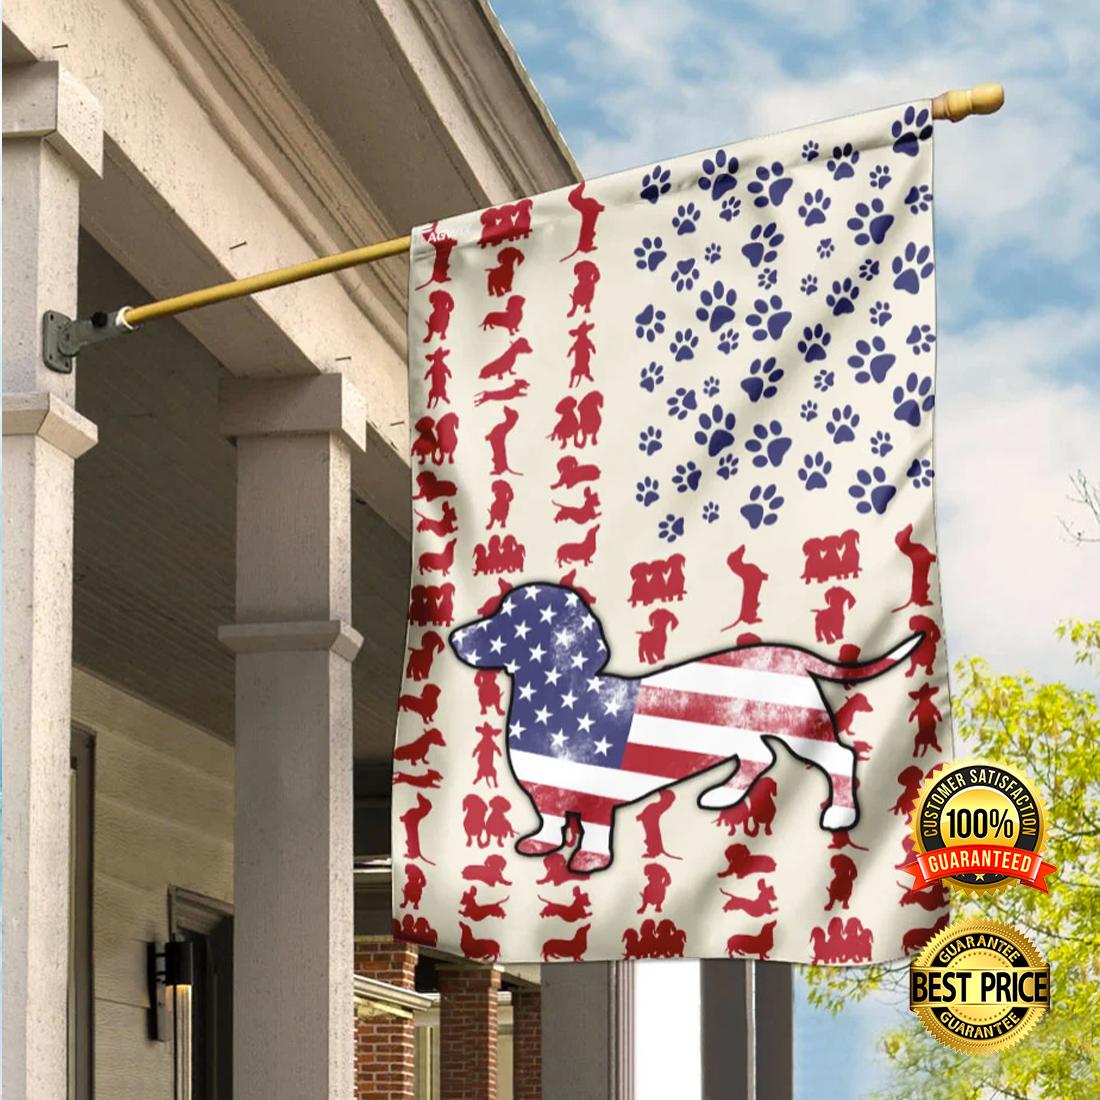 [SALE OFF] DACHSHUND AMERICAN FLAG